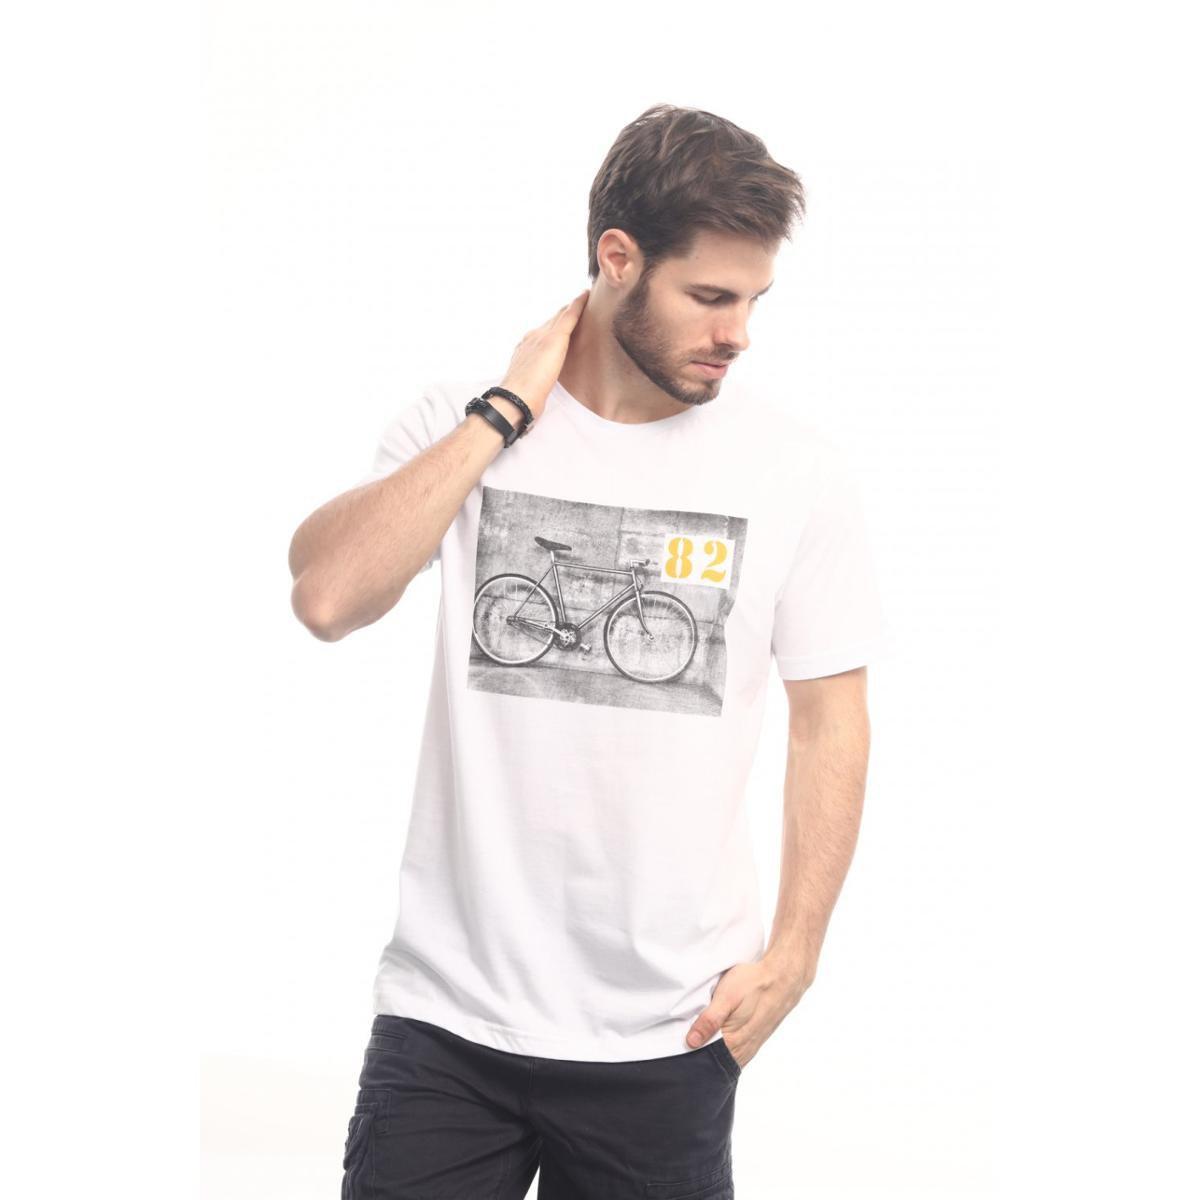 Camiseta Head Play Bike 82 Masculina - Branco